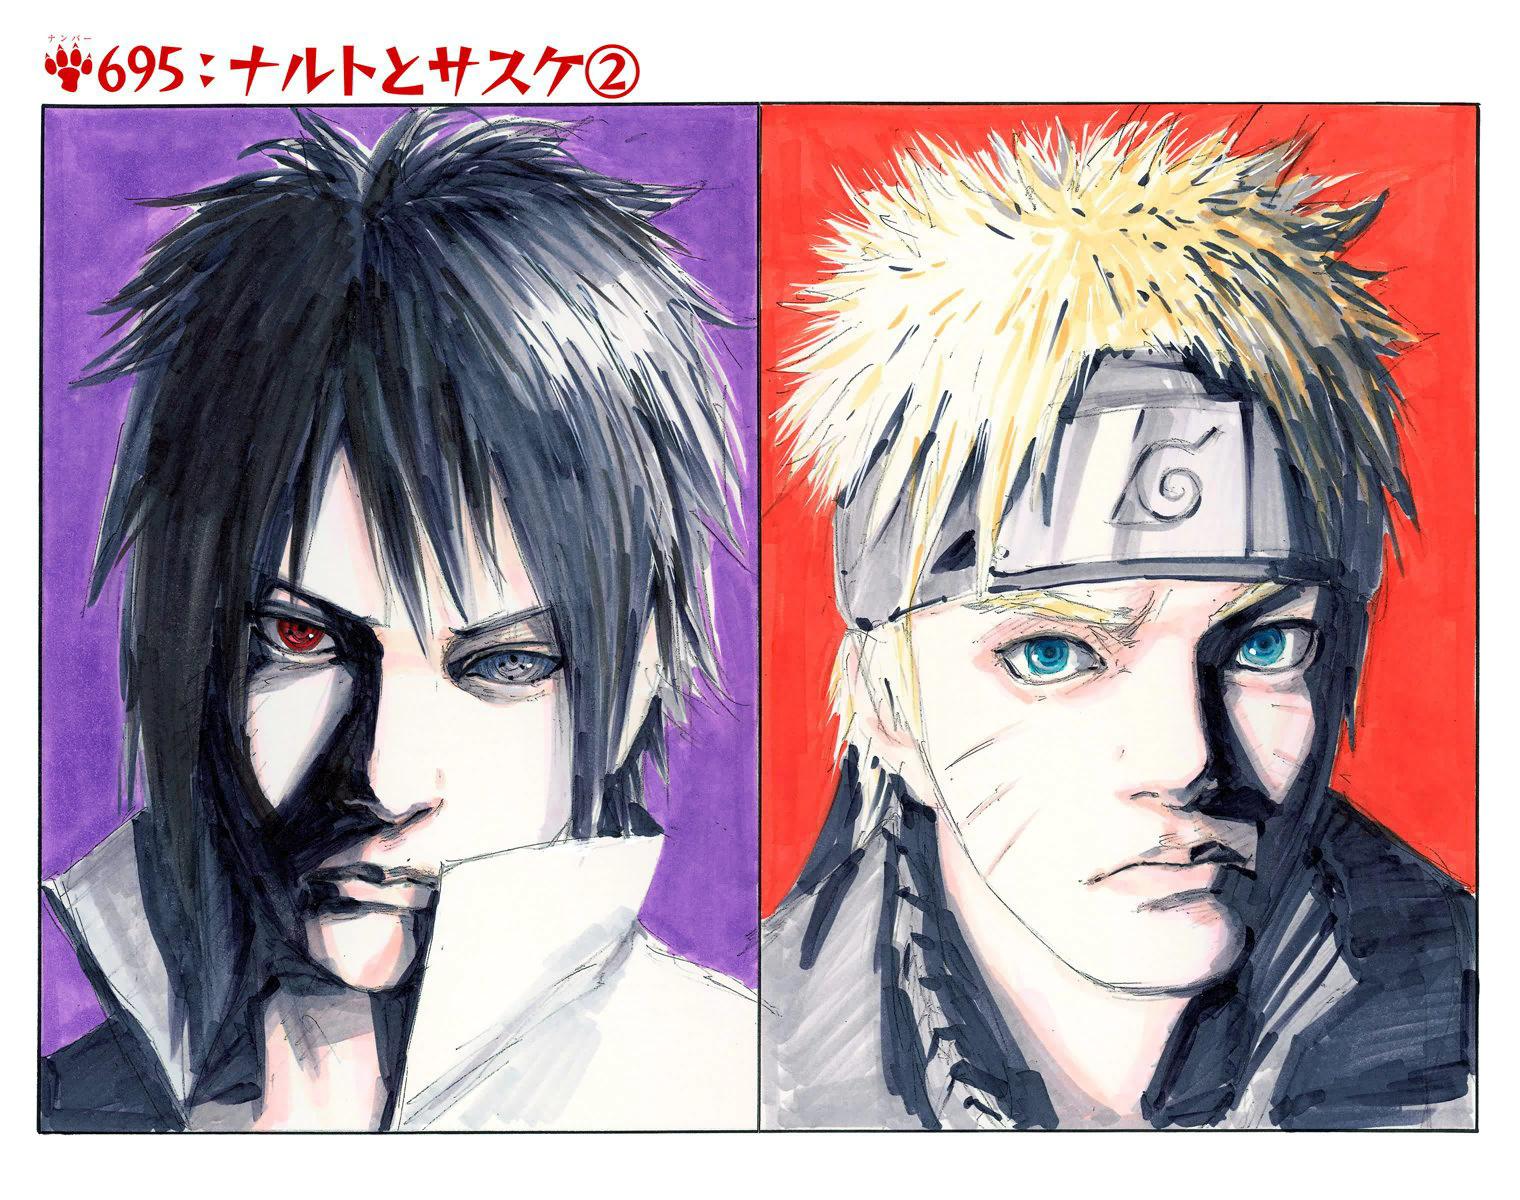 Naruto and sasuke 2 narutopedia fandom powered by wikia - Naruto and sasuki ...